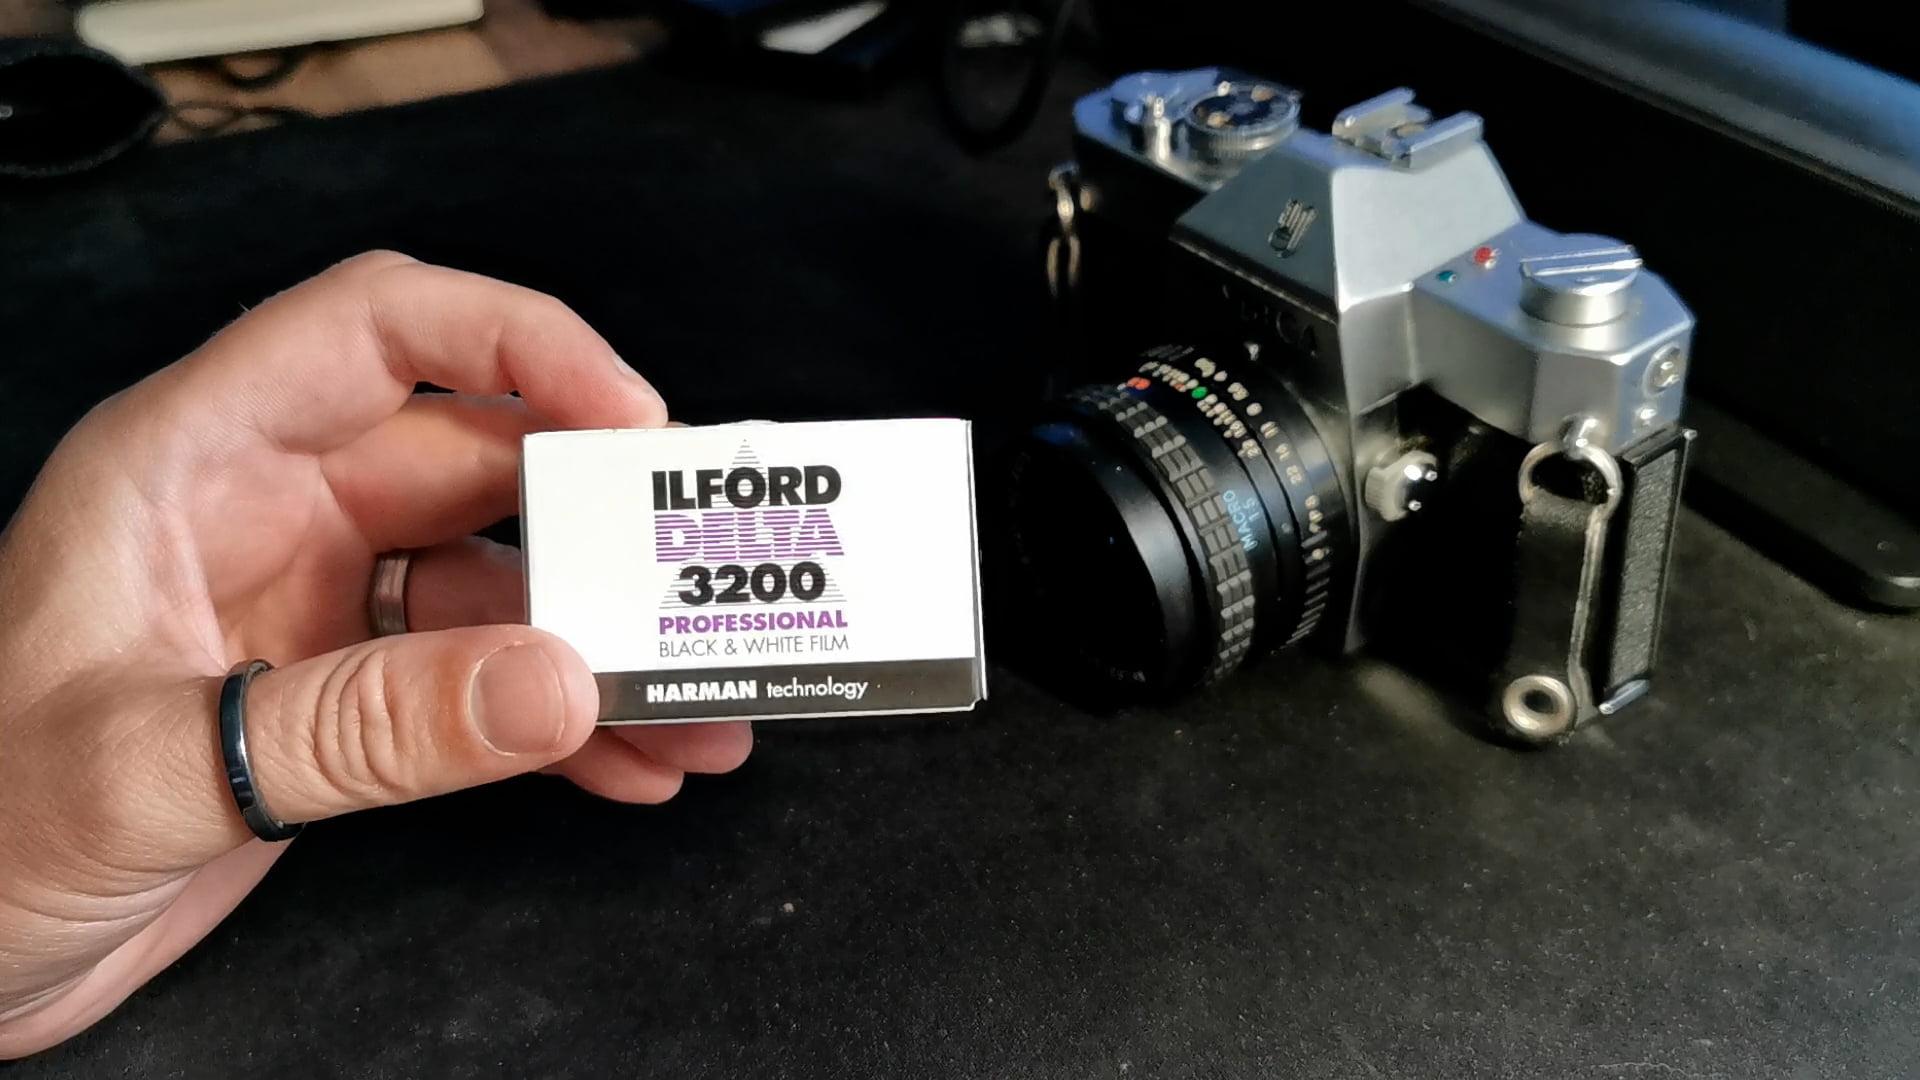 Ilford Delta 3200 Pro